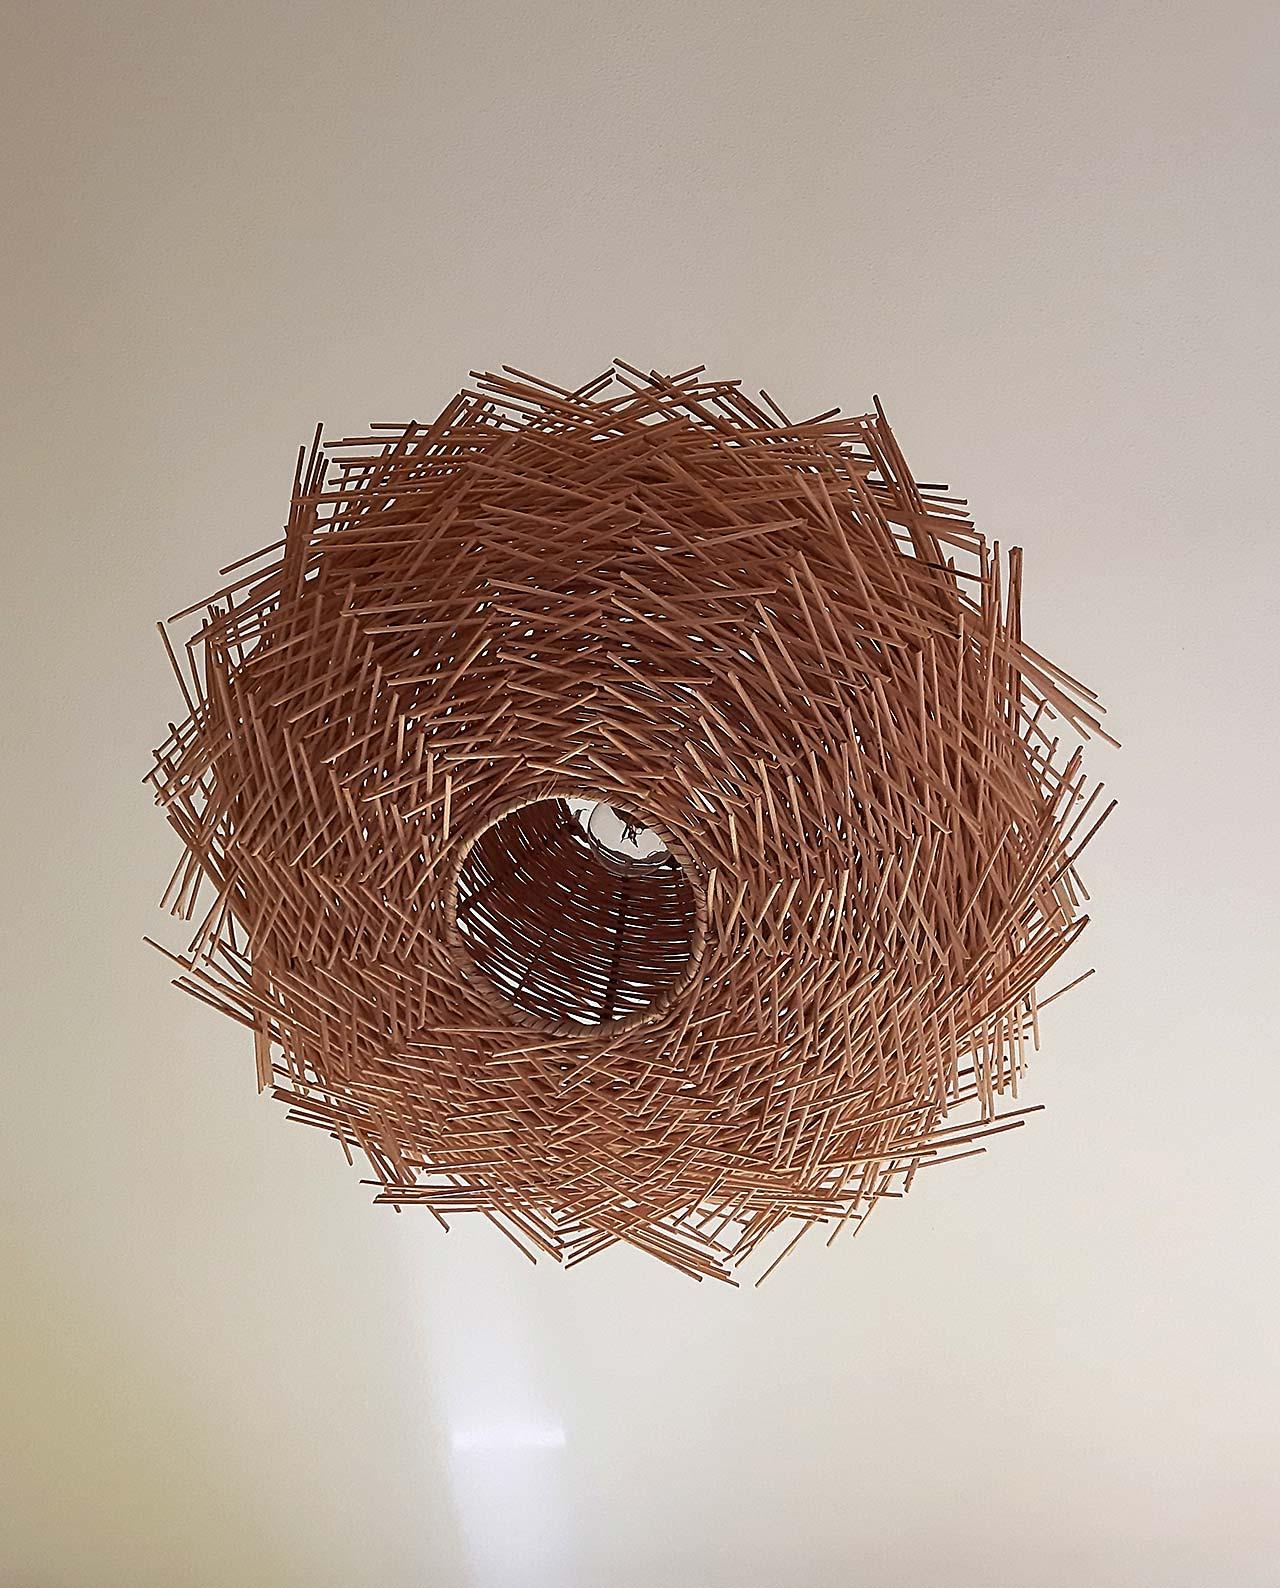 Φωτιστικό οροφής Ρατταν «Urchin» διαμέτρου 60 cm